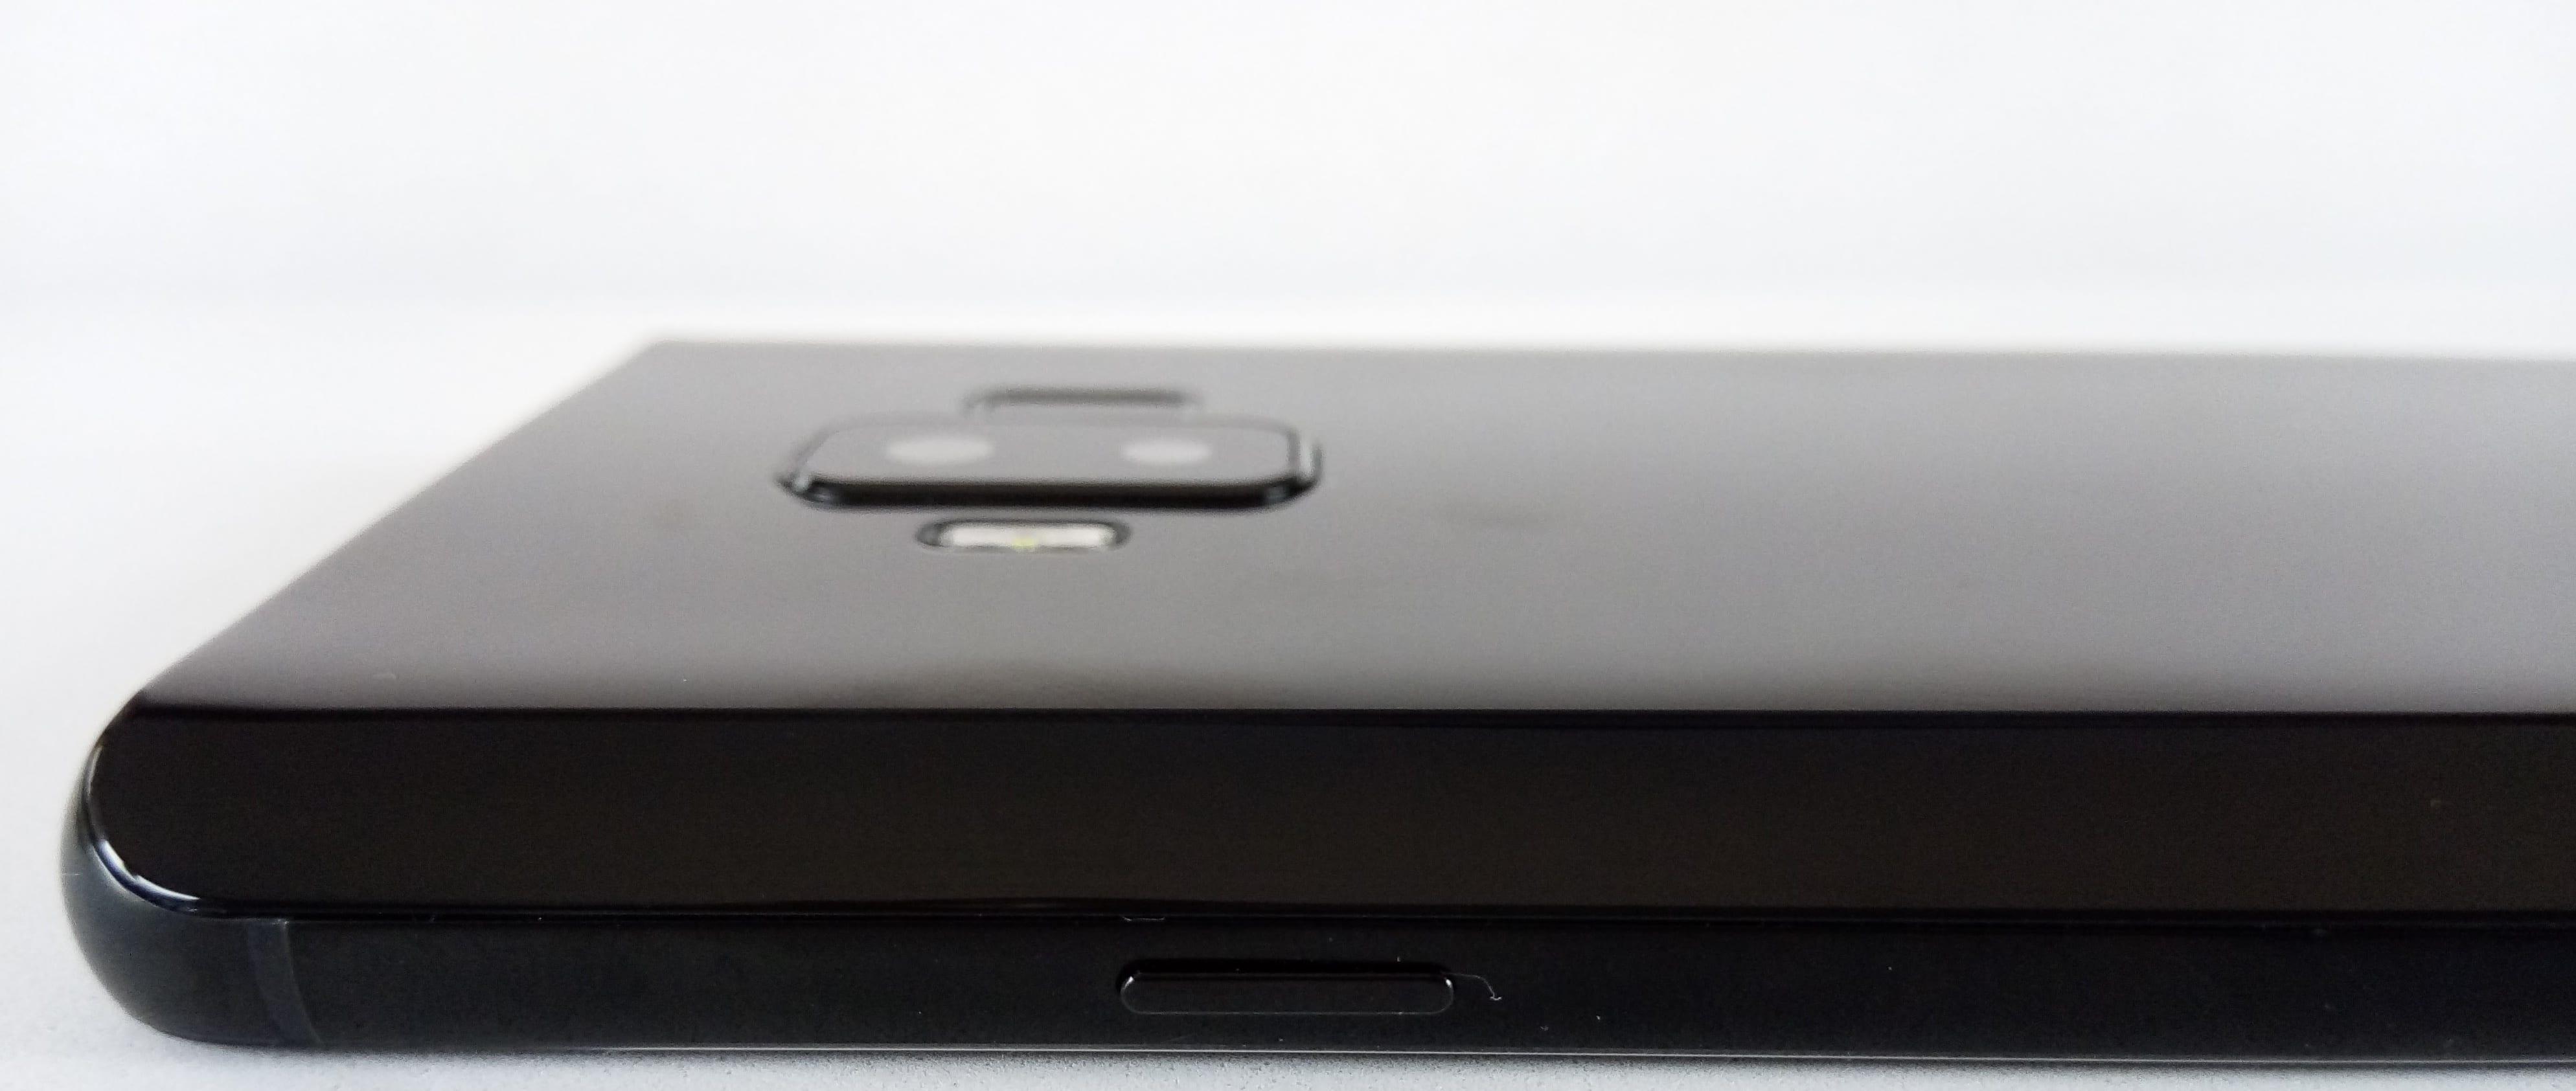 vkworld S8 lado derecho